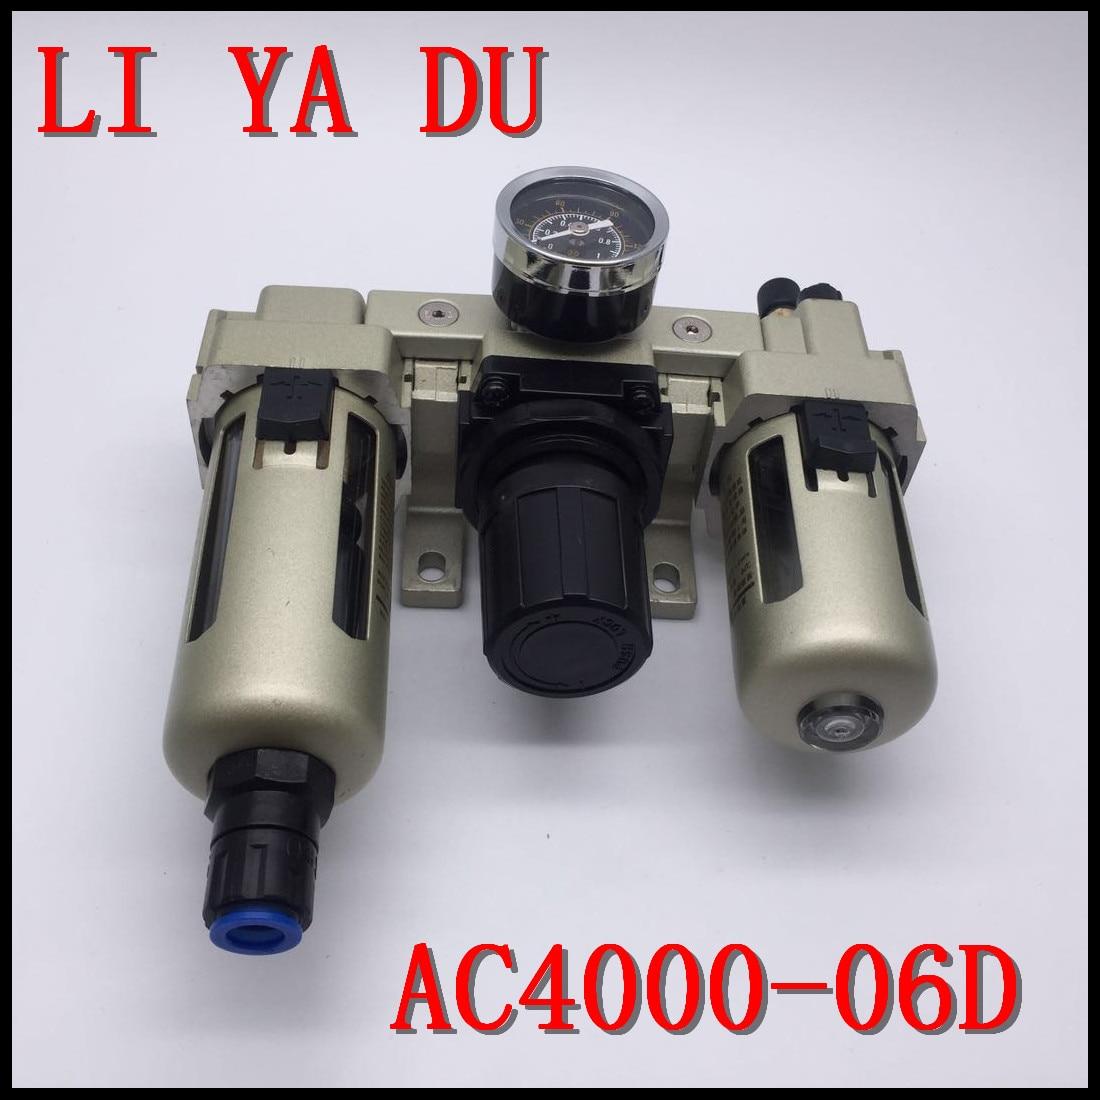 AC4000-06D G3/4 pièces Sanlian séparateur d'huile et d'eau filtre compresseur d'air réduire la soupape de régulation de pression vidange automatique